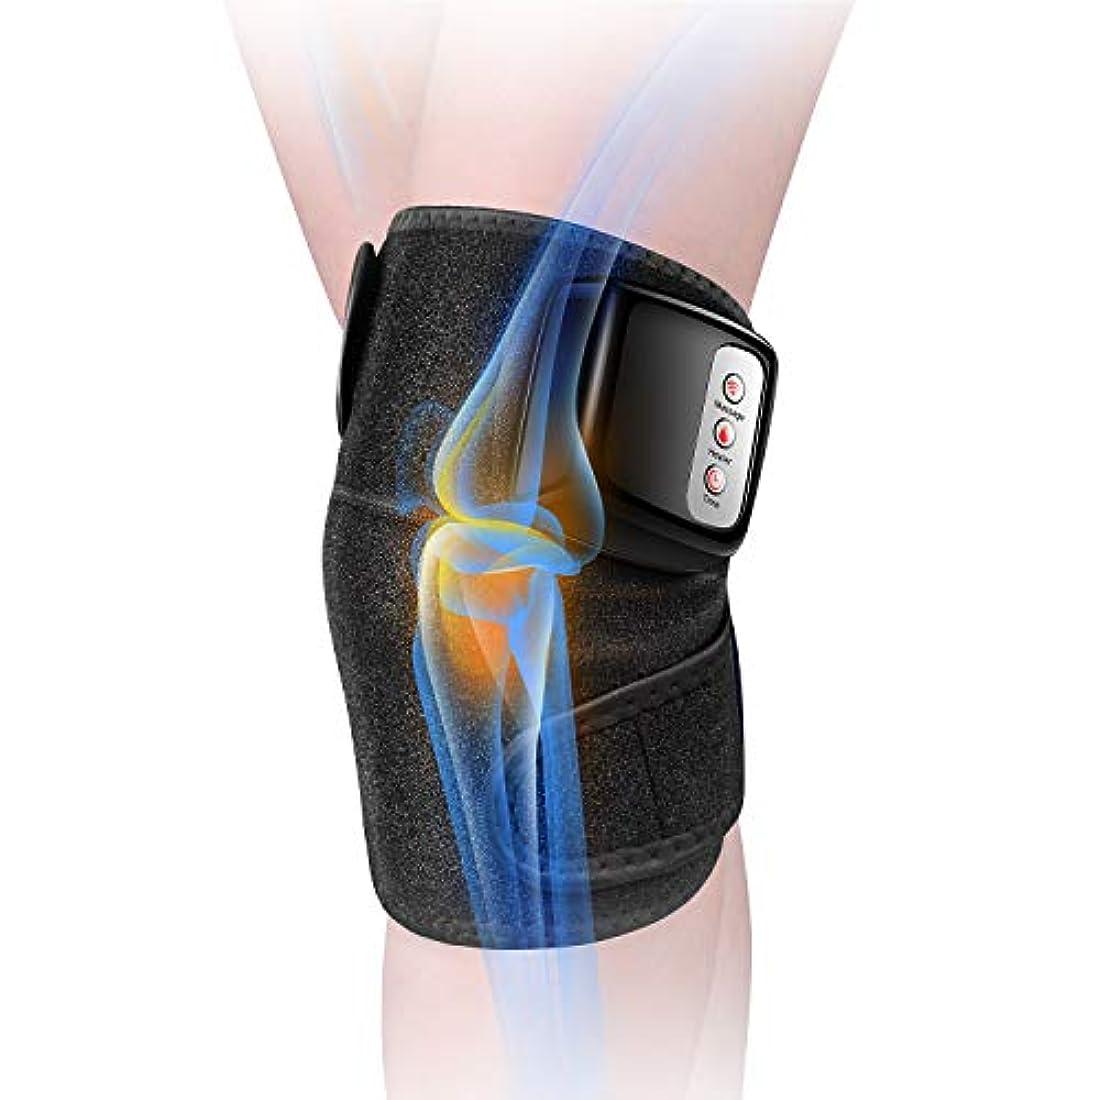 近代化ペルー家膝マッサージャー 関節マッサージャー マッサージ器 フットマッサージャー 振動 赤外線療法 温熱療法 膝サポーター ストレス解消 肩 太もも/腕対応